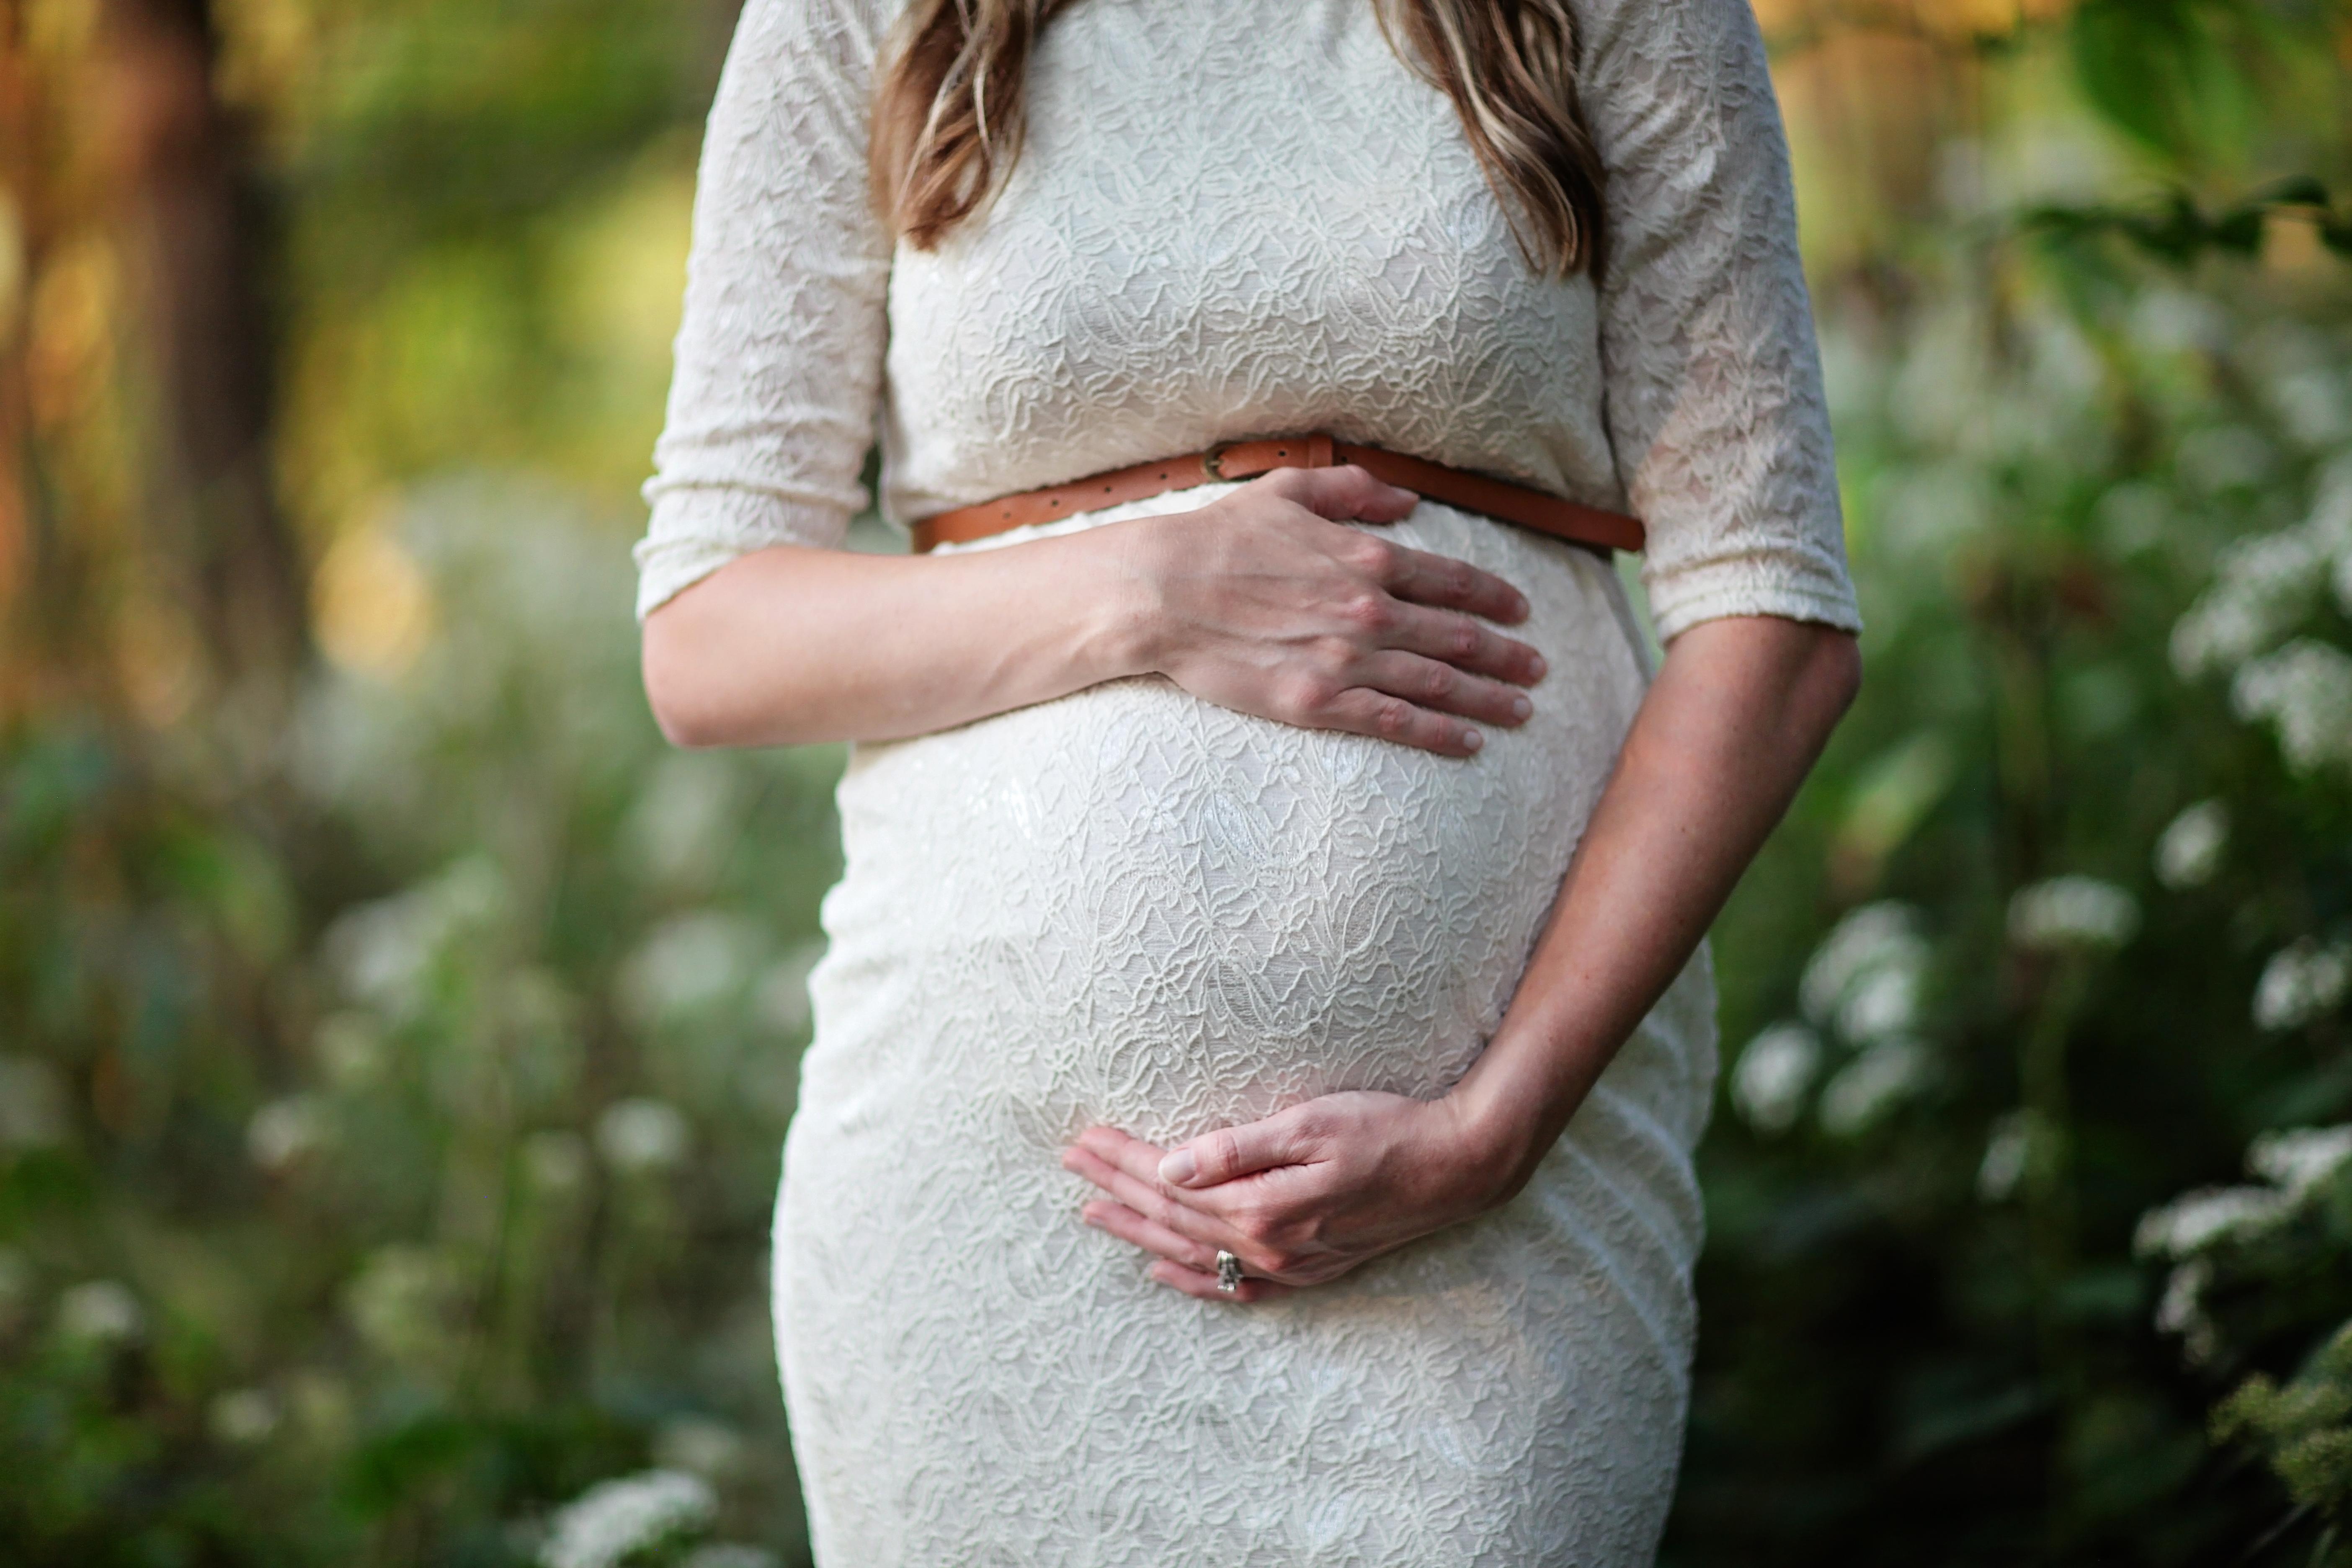 懷孕孕婦 檢查 項目心得,評價醫師孕婦 檢查 項目,評價懷孕孕婦 檢查 項目